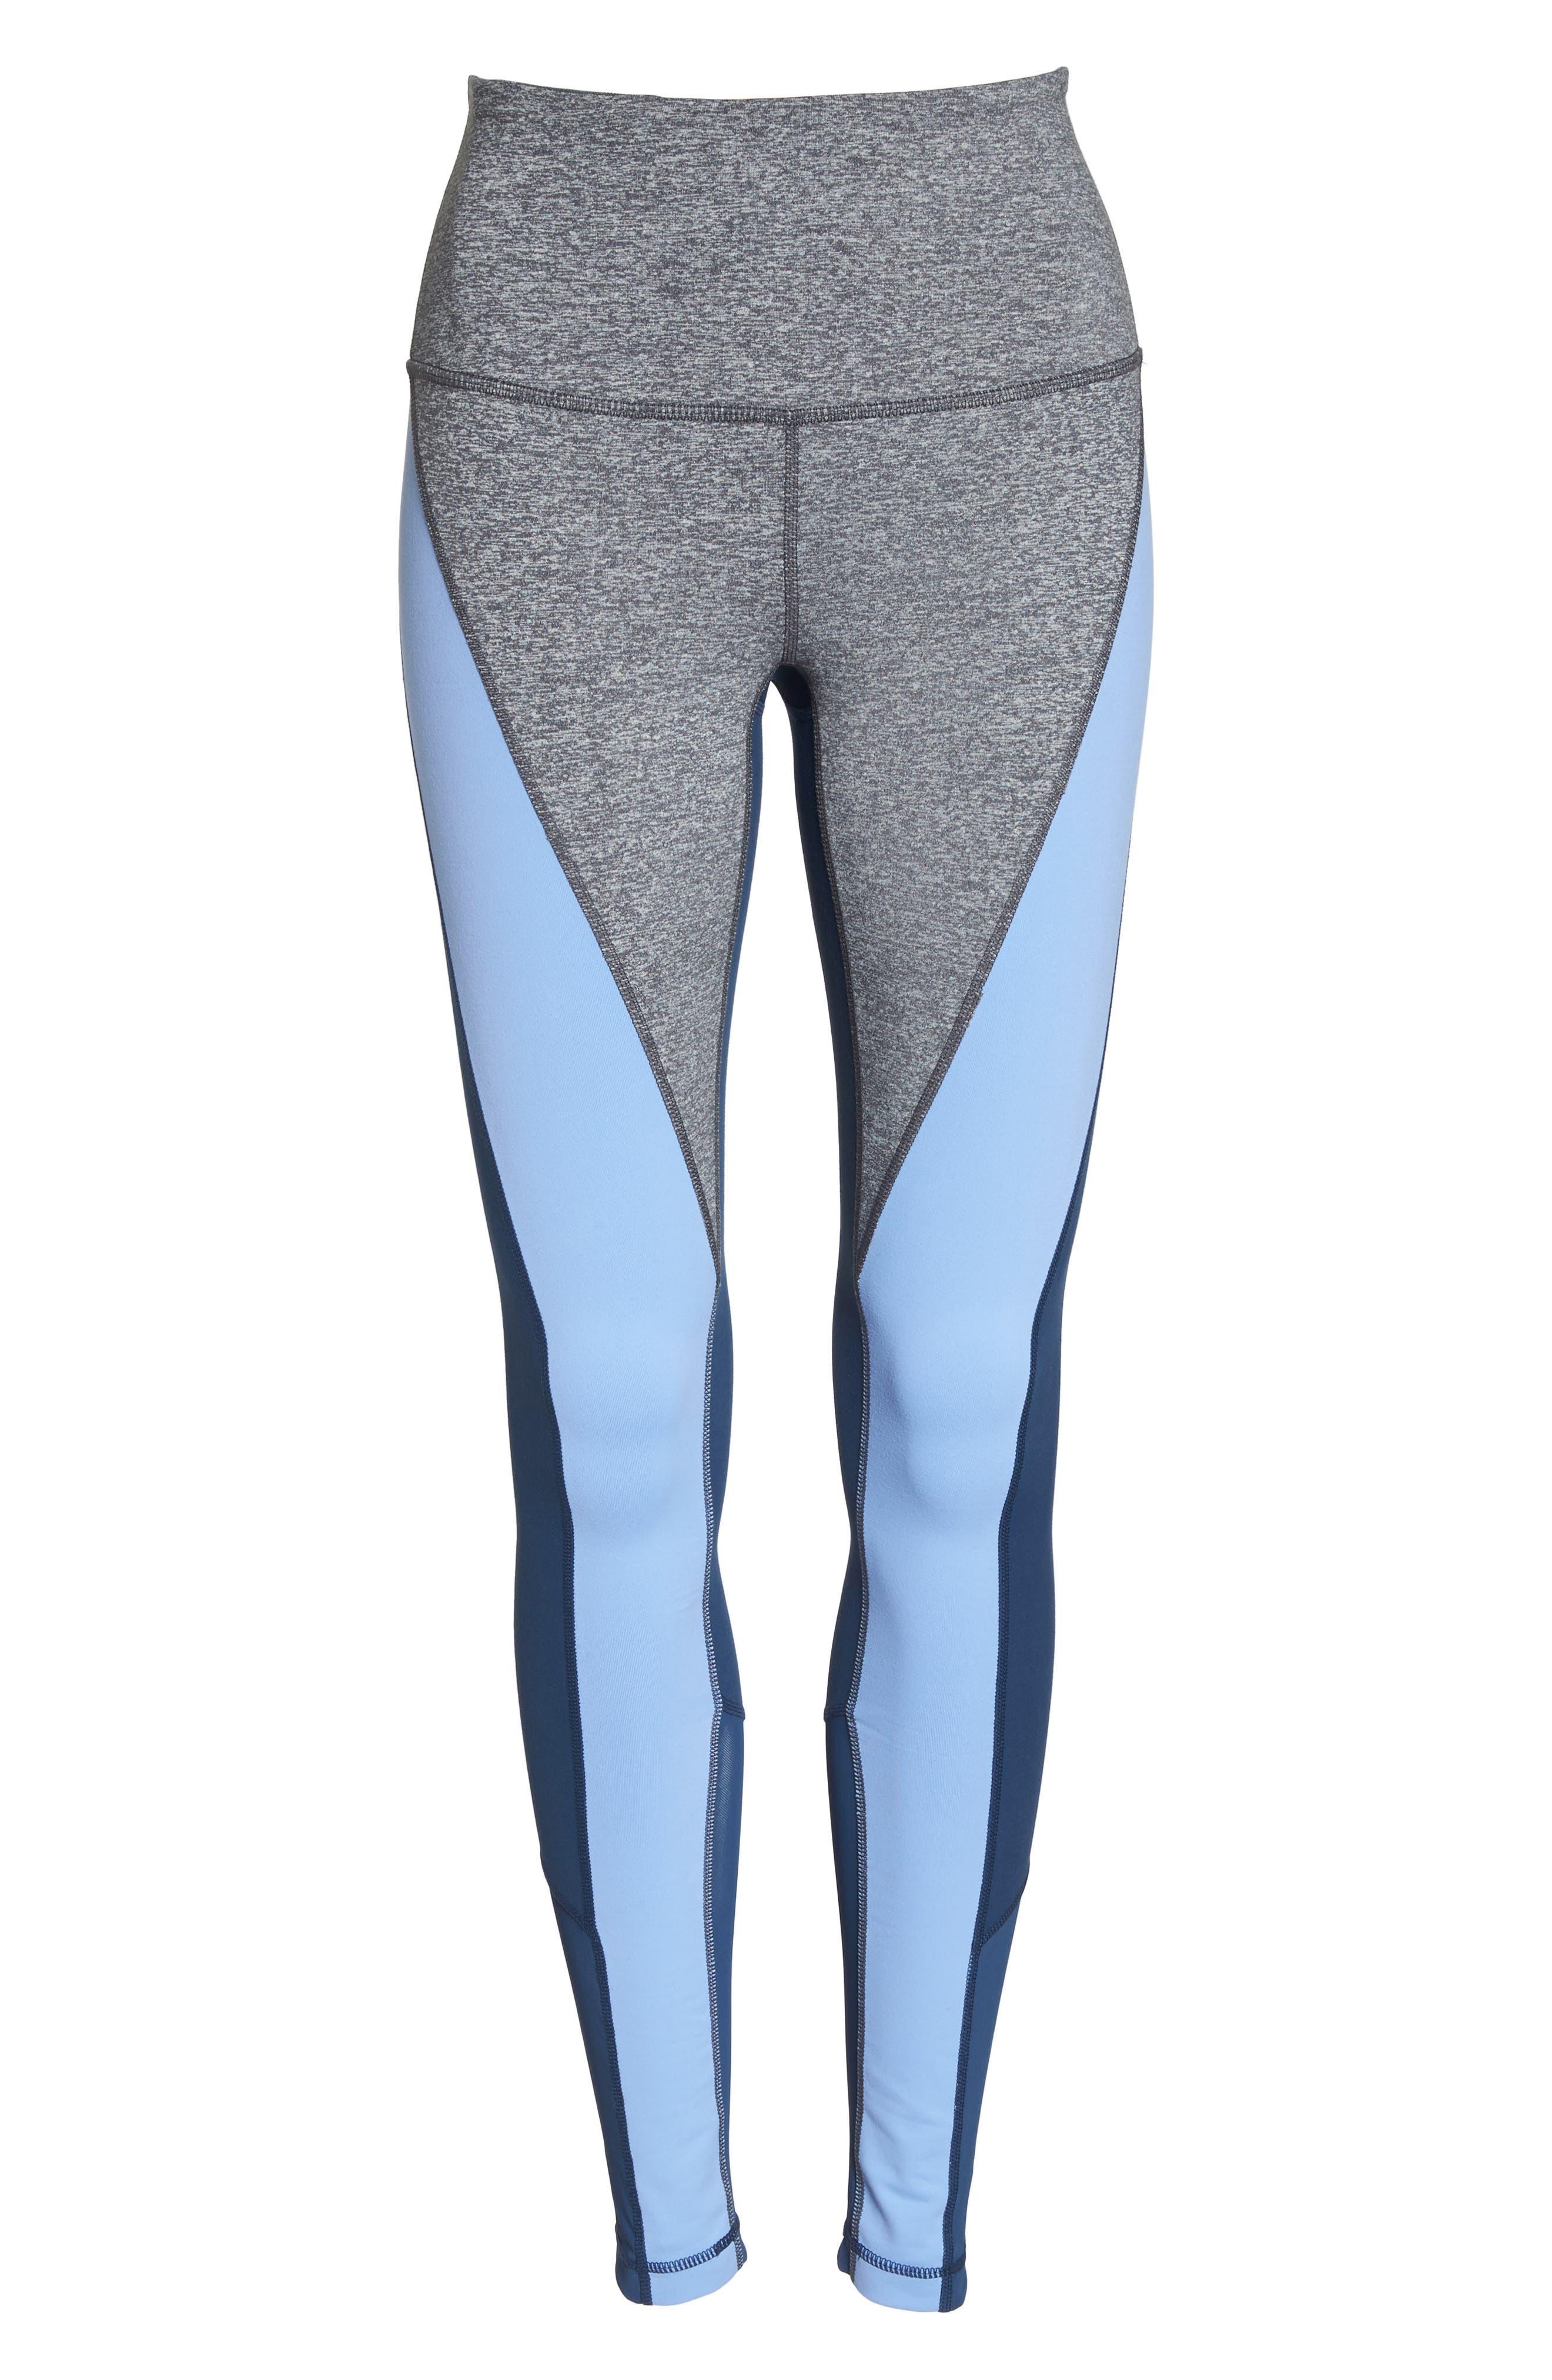 Get in Line High Waist Leggings,                             Alternate thumbnail 7, color,                             Grey Graphite Melange